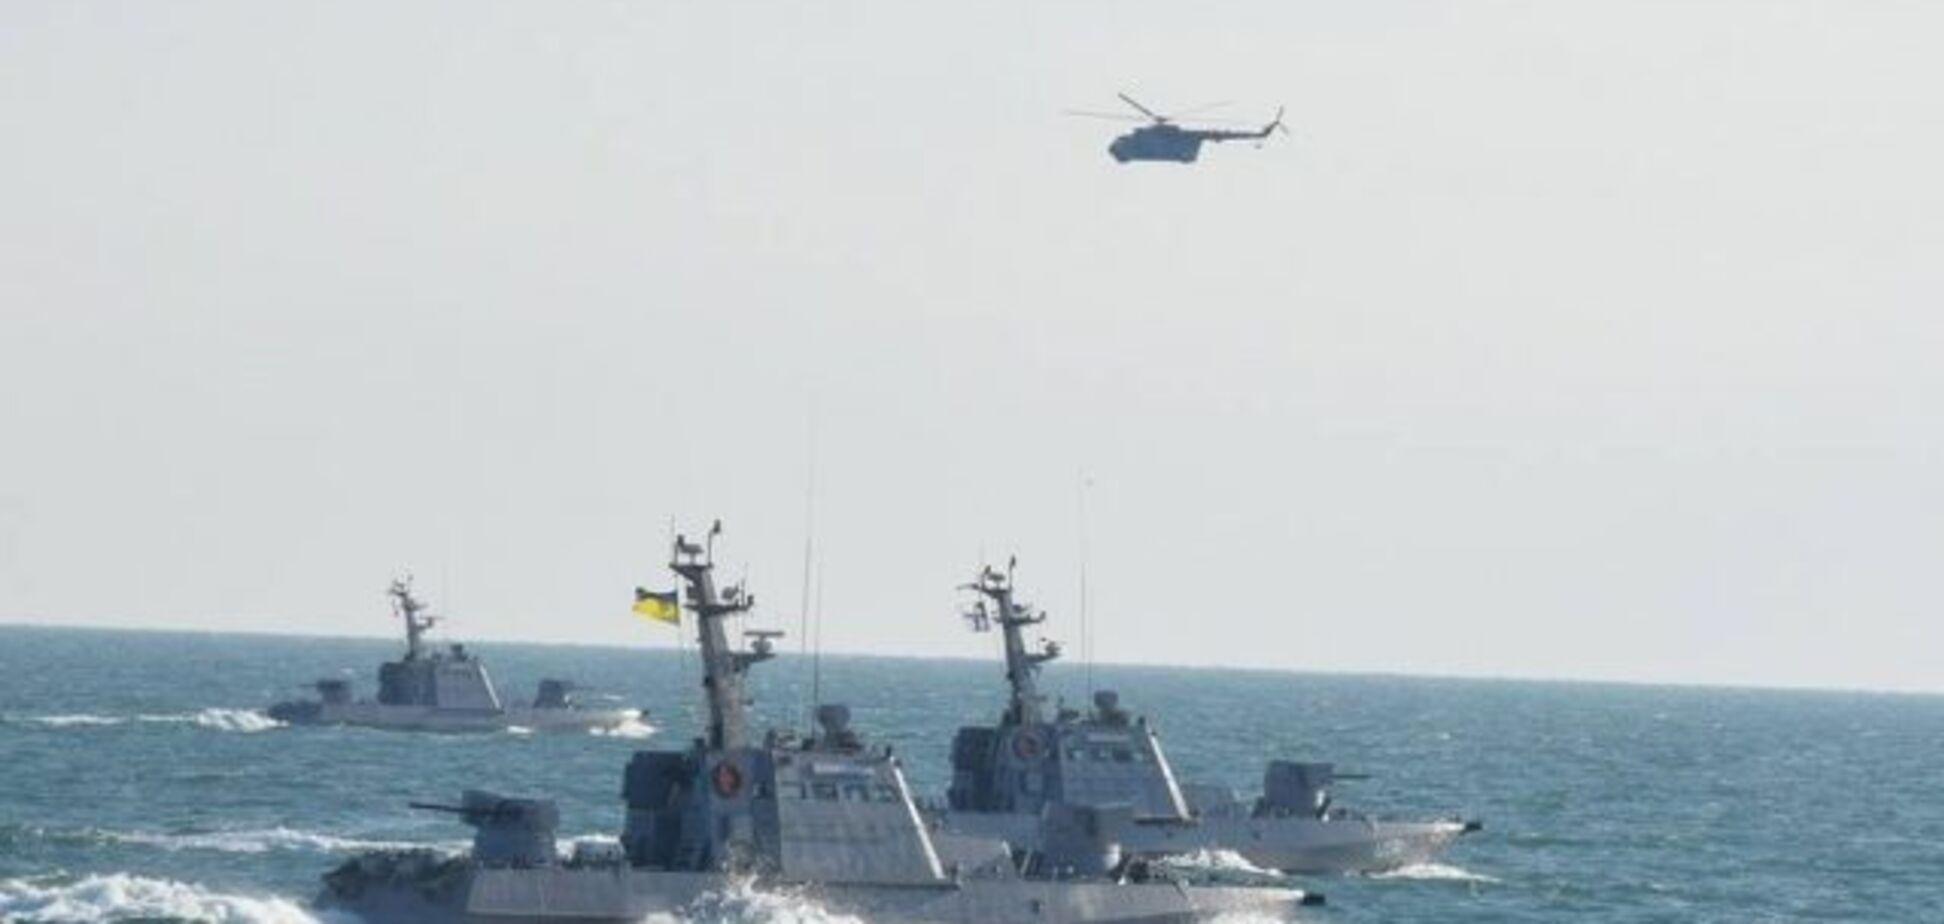 Захват РФ украинских кораблей в Азовском море: появилась реакция Бундестага